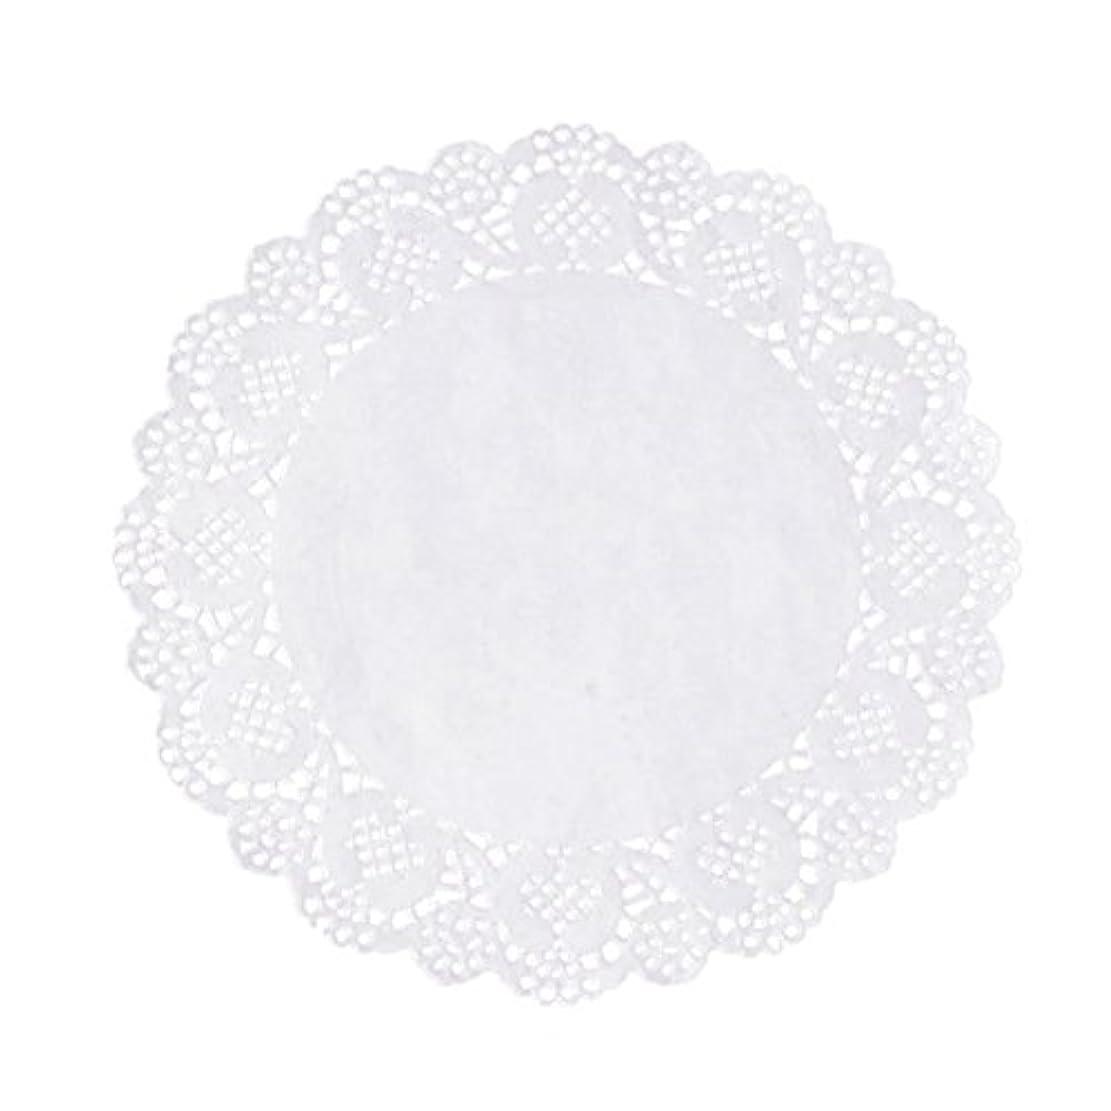 マウンド然とした宇宙のRETYLY 100枚白いレースラウンド小さなマットケーキ包装パッド結婚式の食器装飾